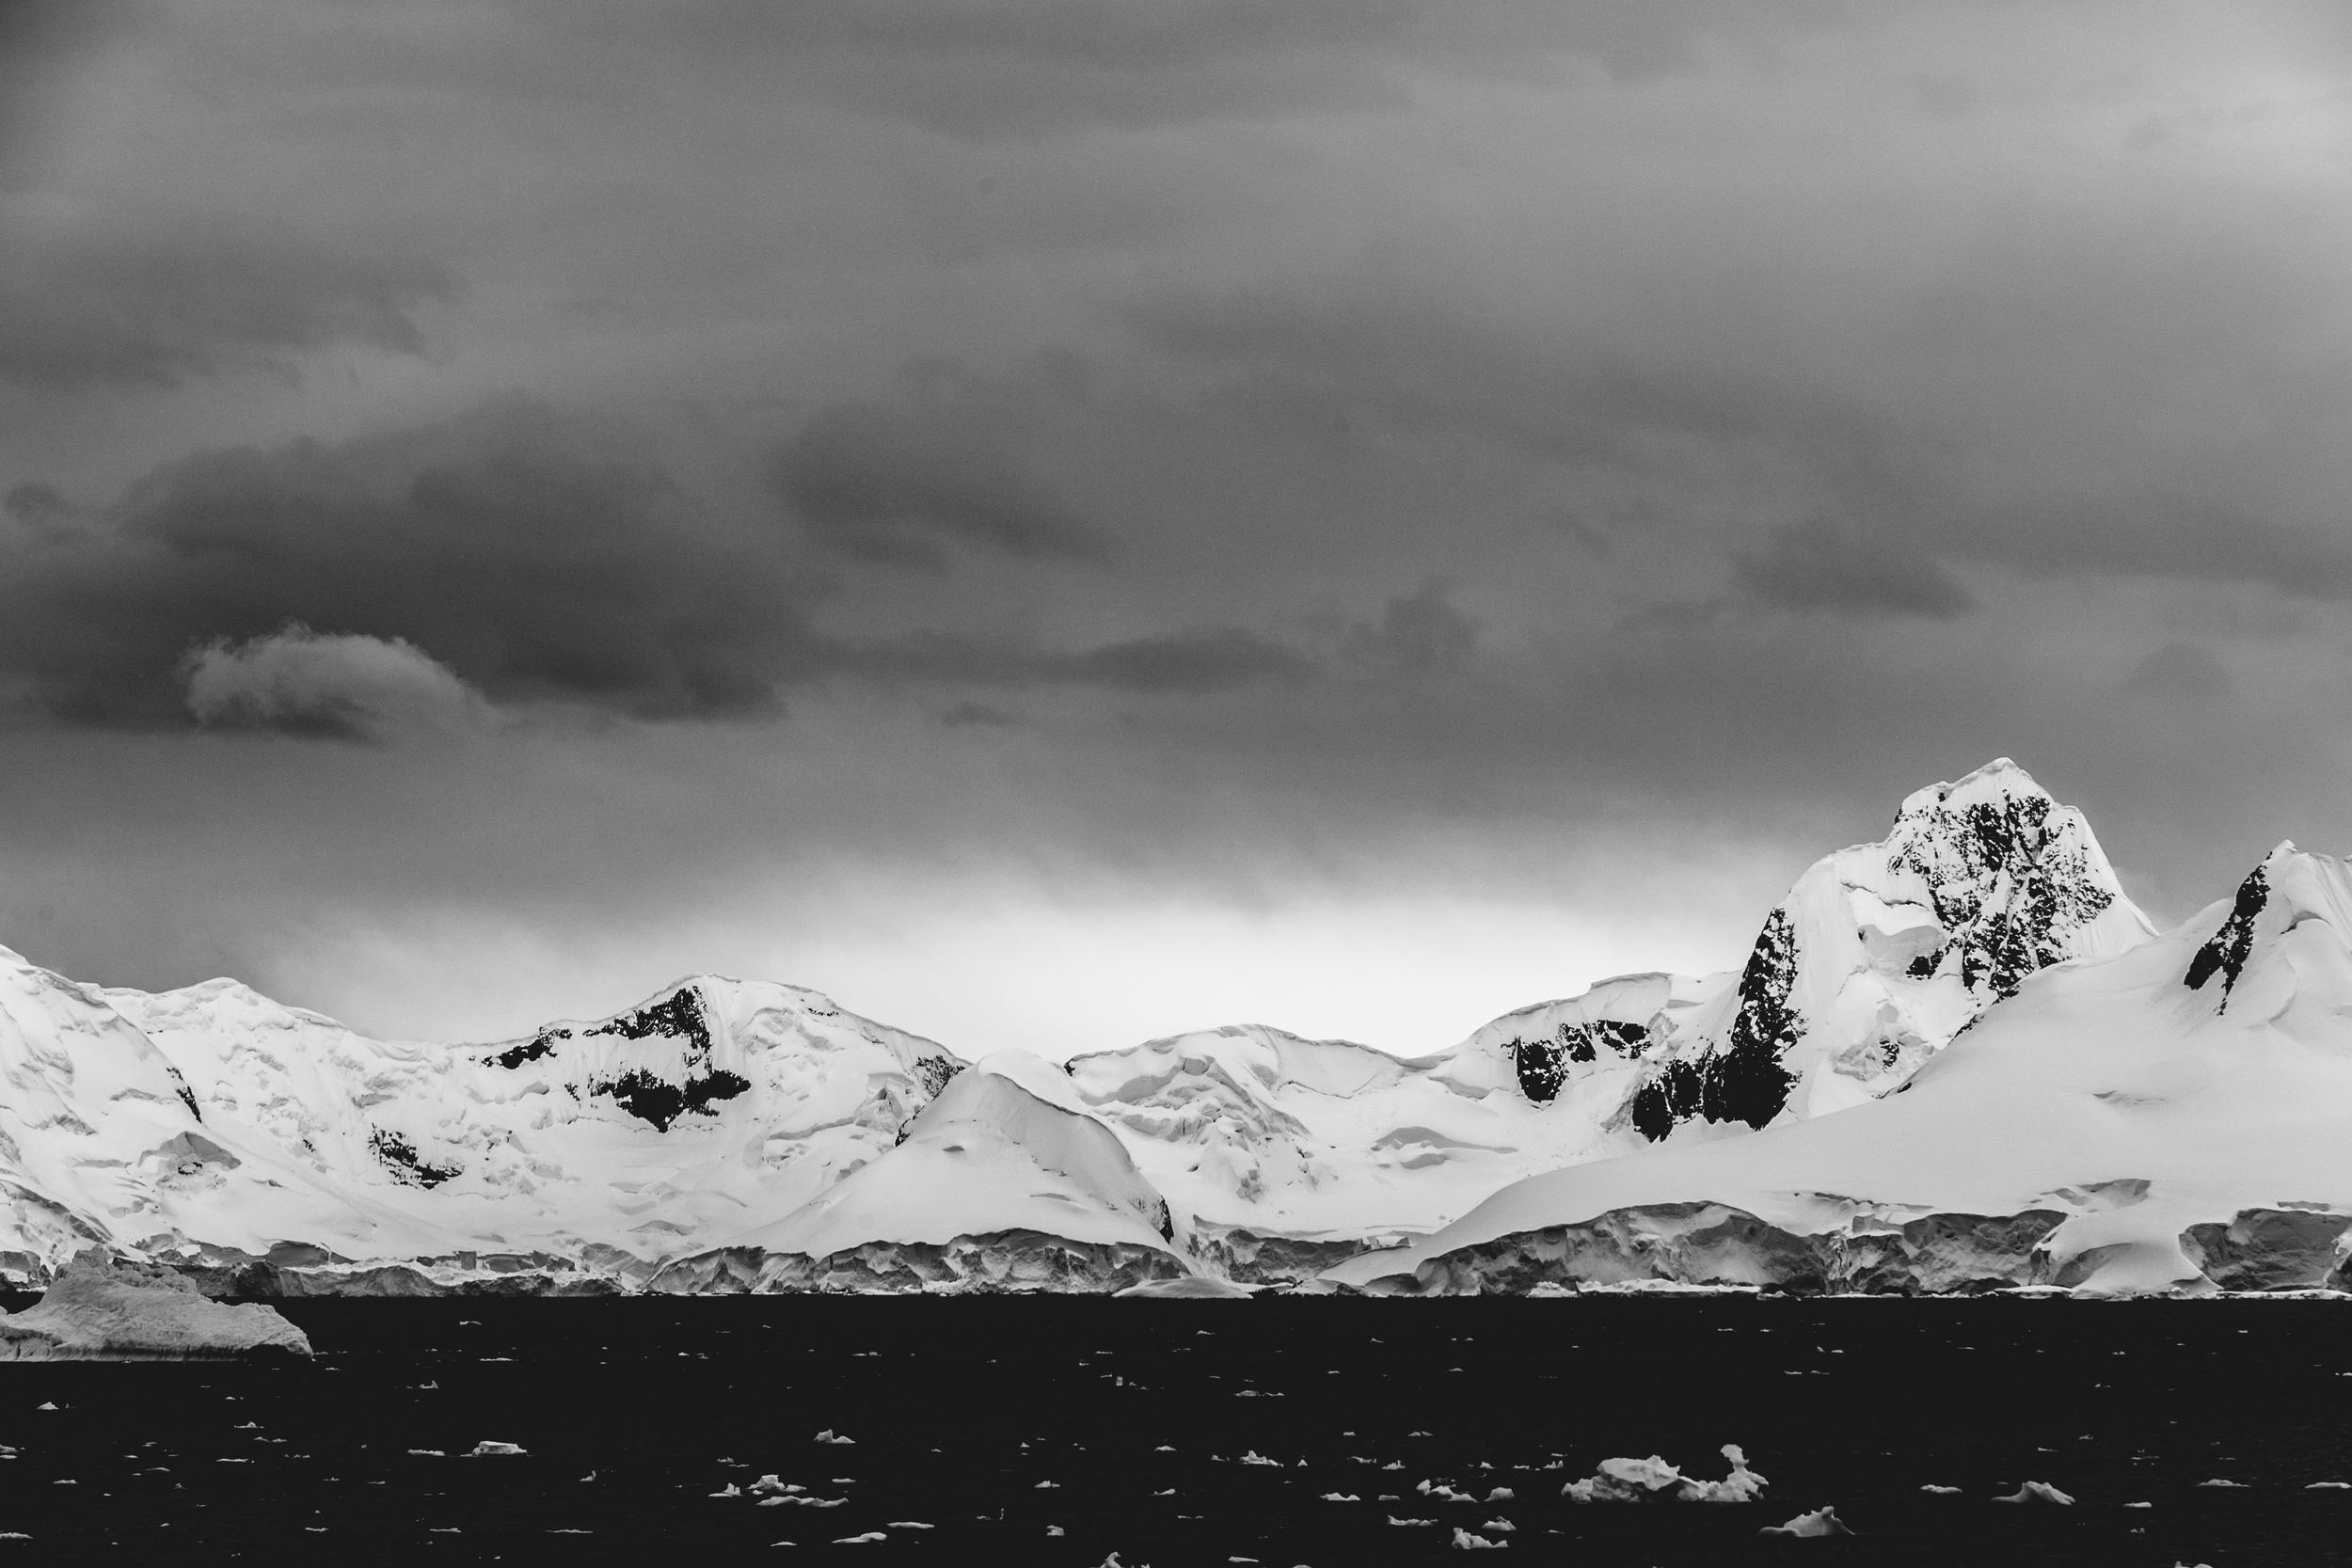 aqm-antartctica-noir-07.jpg